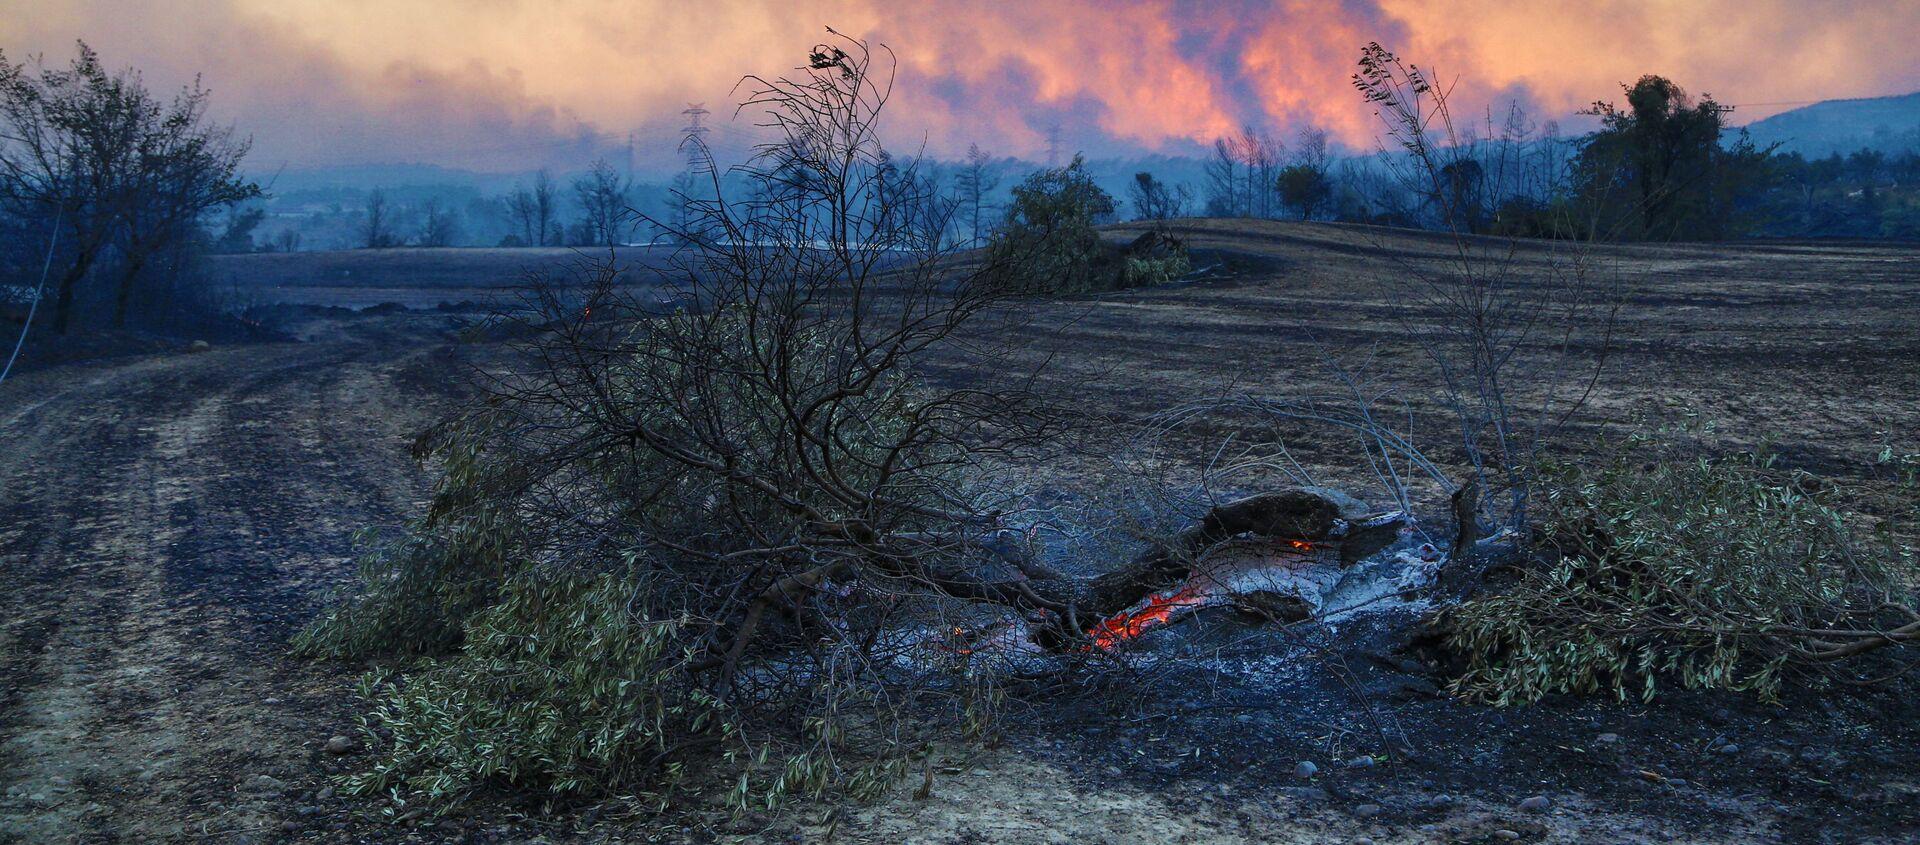 Лесной пожар в Турции - Sputnik Абхазия, 1920, 30.07.2021